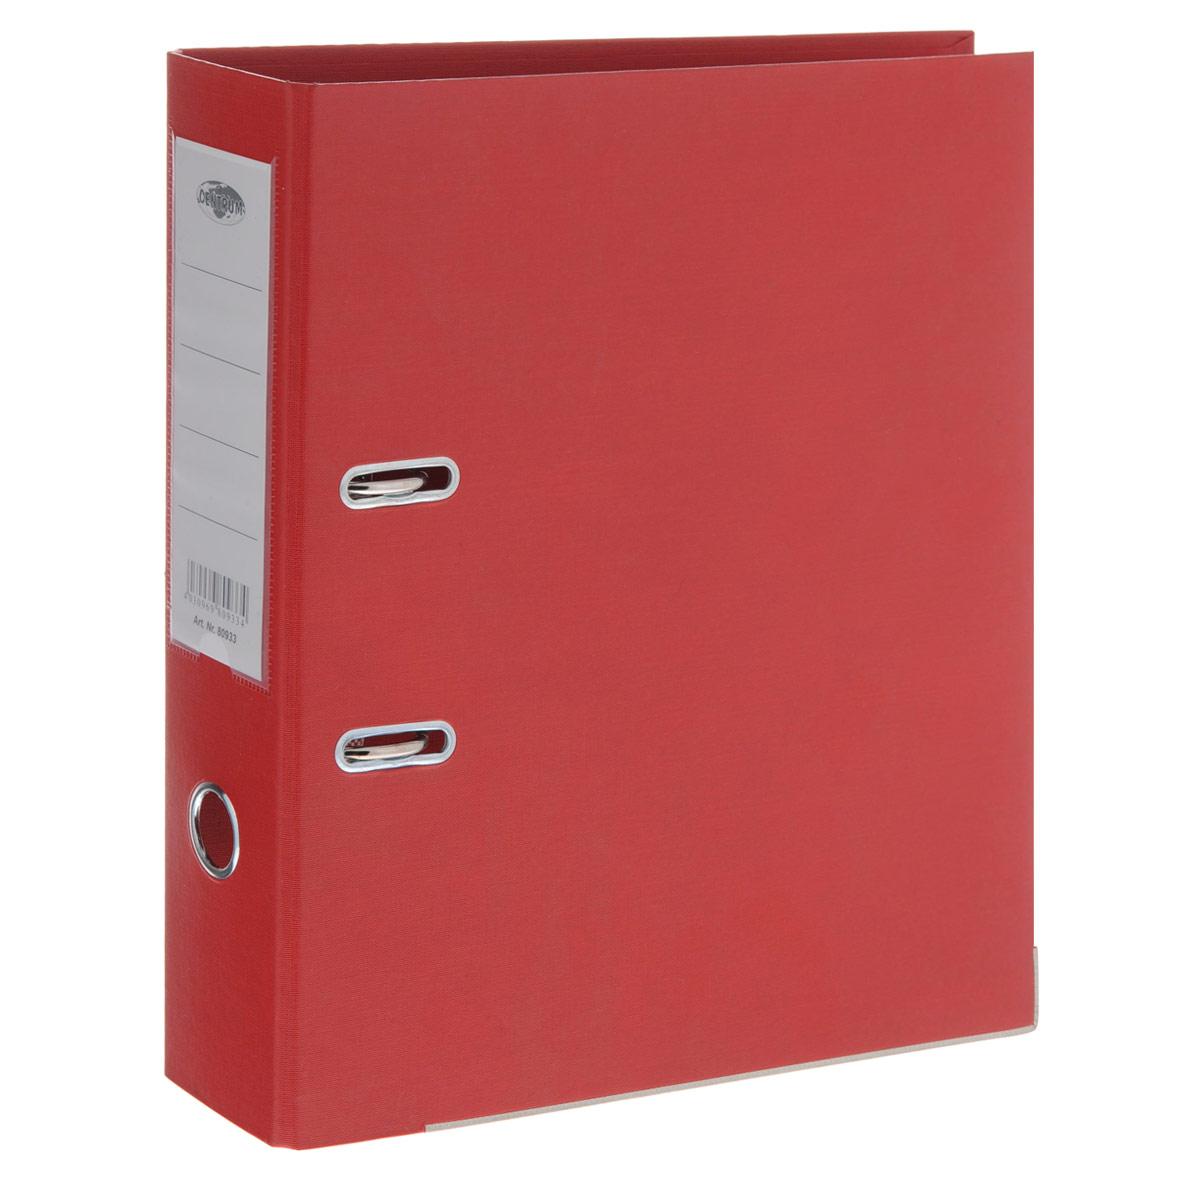 Папка-регистратор Centrum, ширина корешка 75 мм, цвет: красный80933